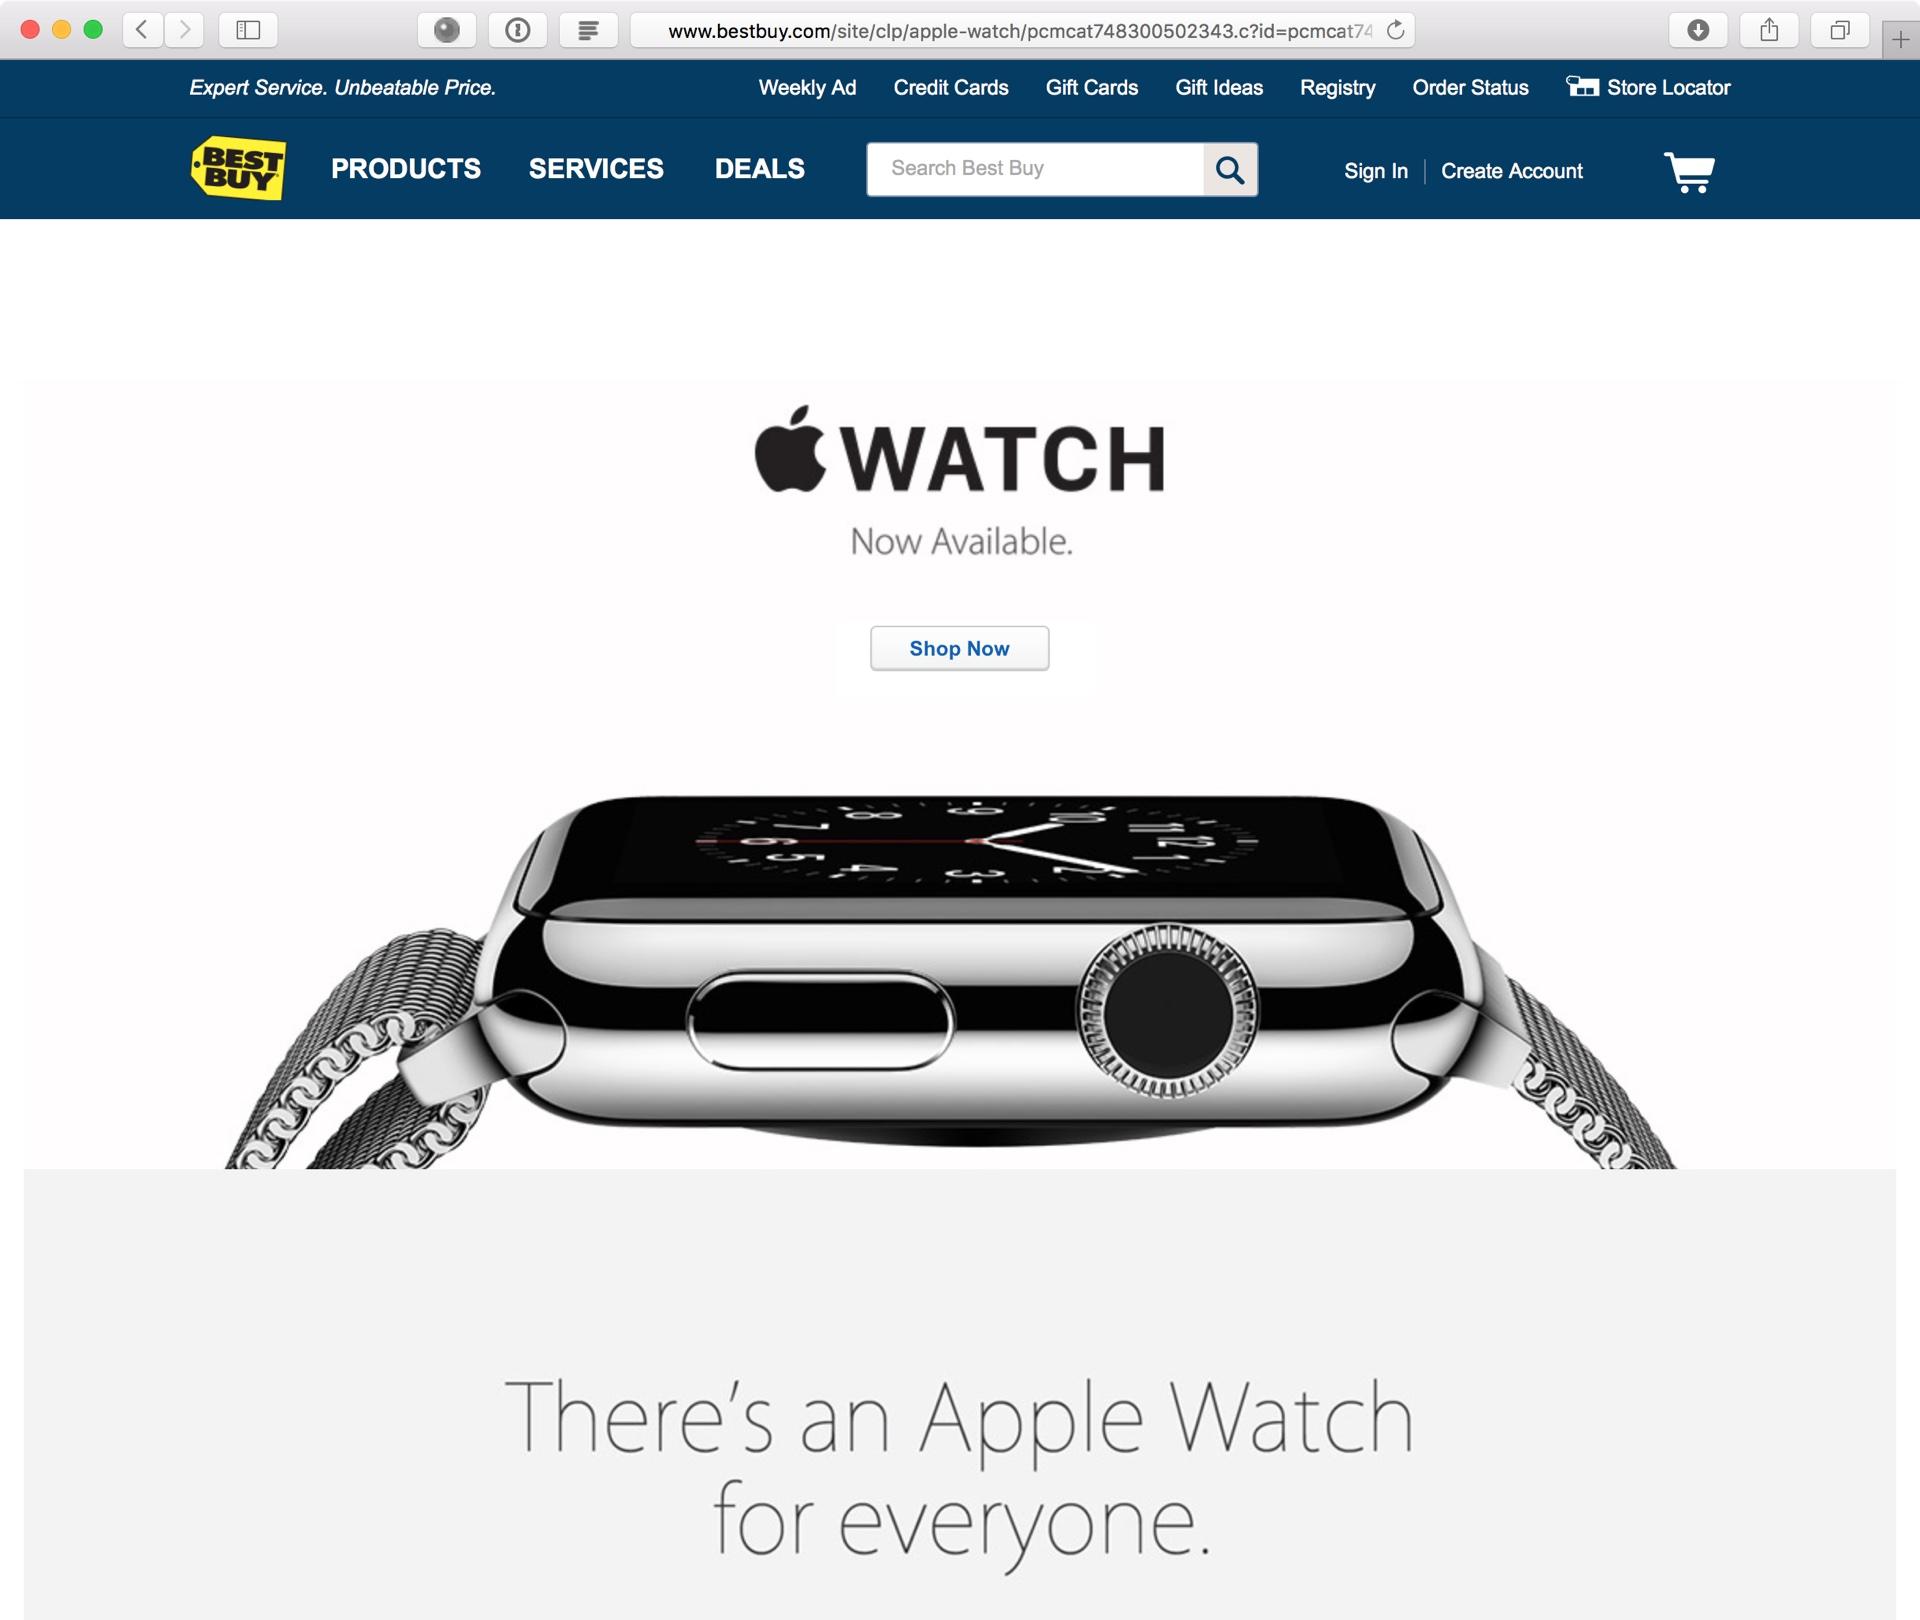 Apple Watch à venda na Best Buy